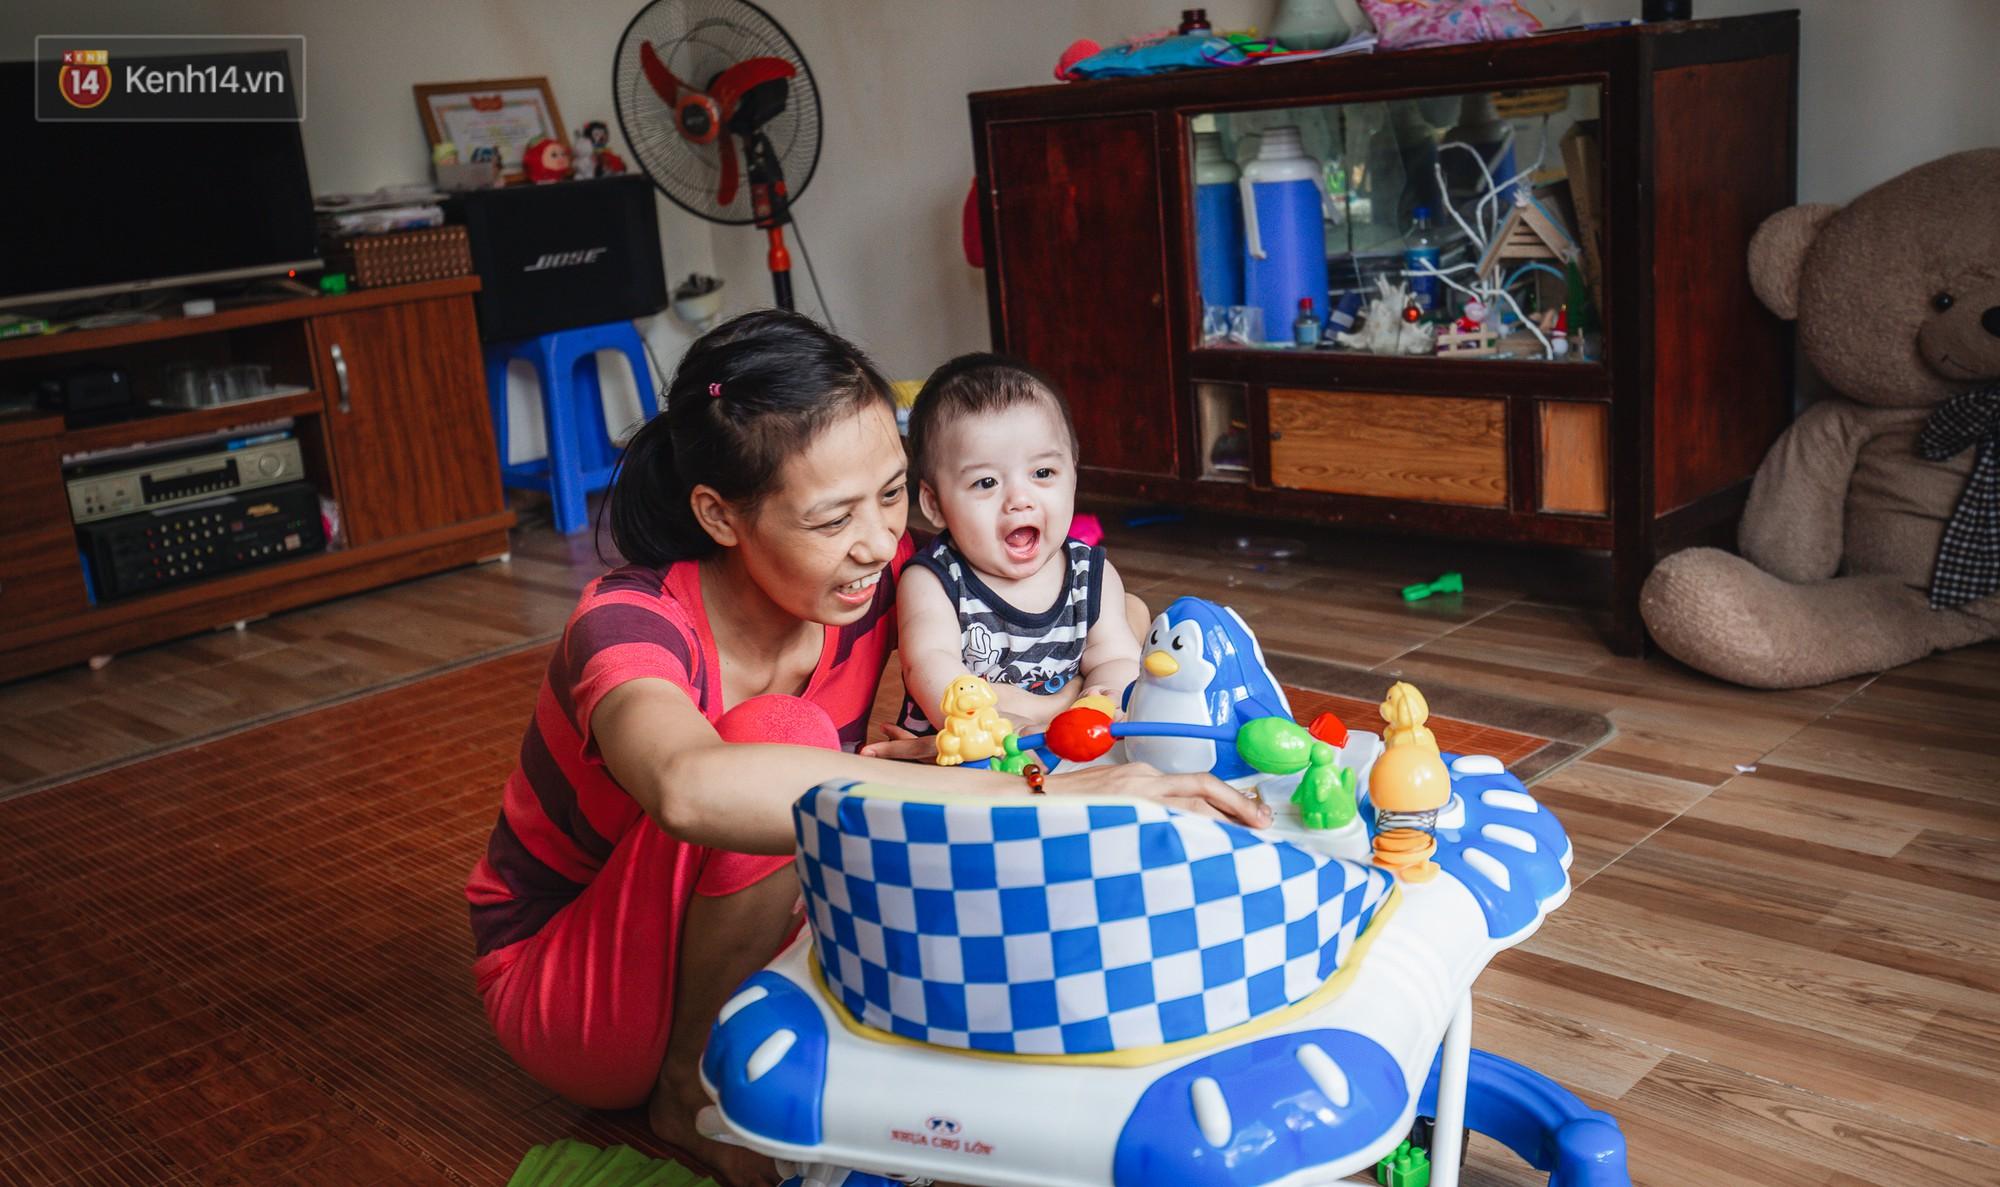 Người mẹ từ chối điều trị ung thư, chấp nhận mất đôi mắt để sinh con: Nếu có thể nhìn thấy con, tôi chẳng còn ước mơ nào lớn hơn thế - Ảnh 12.